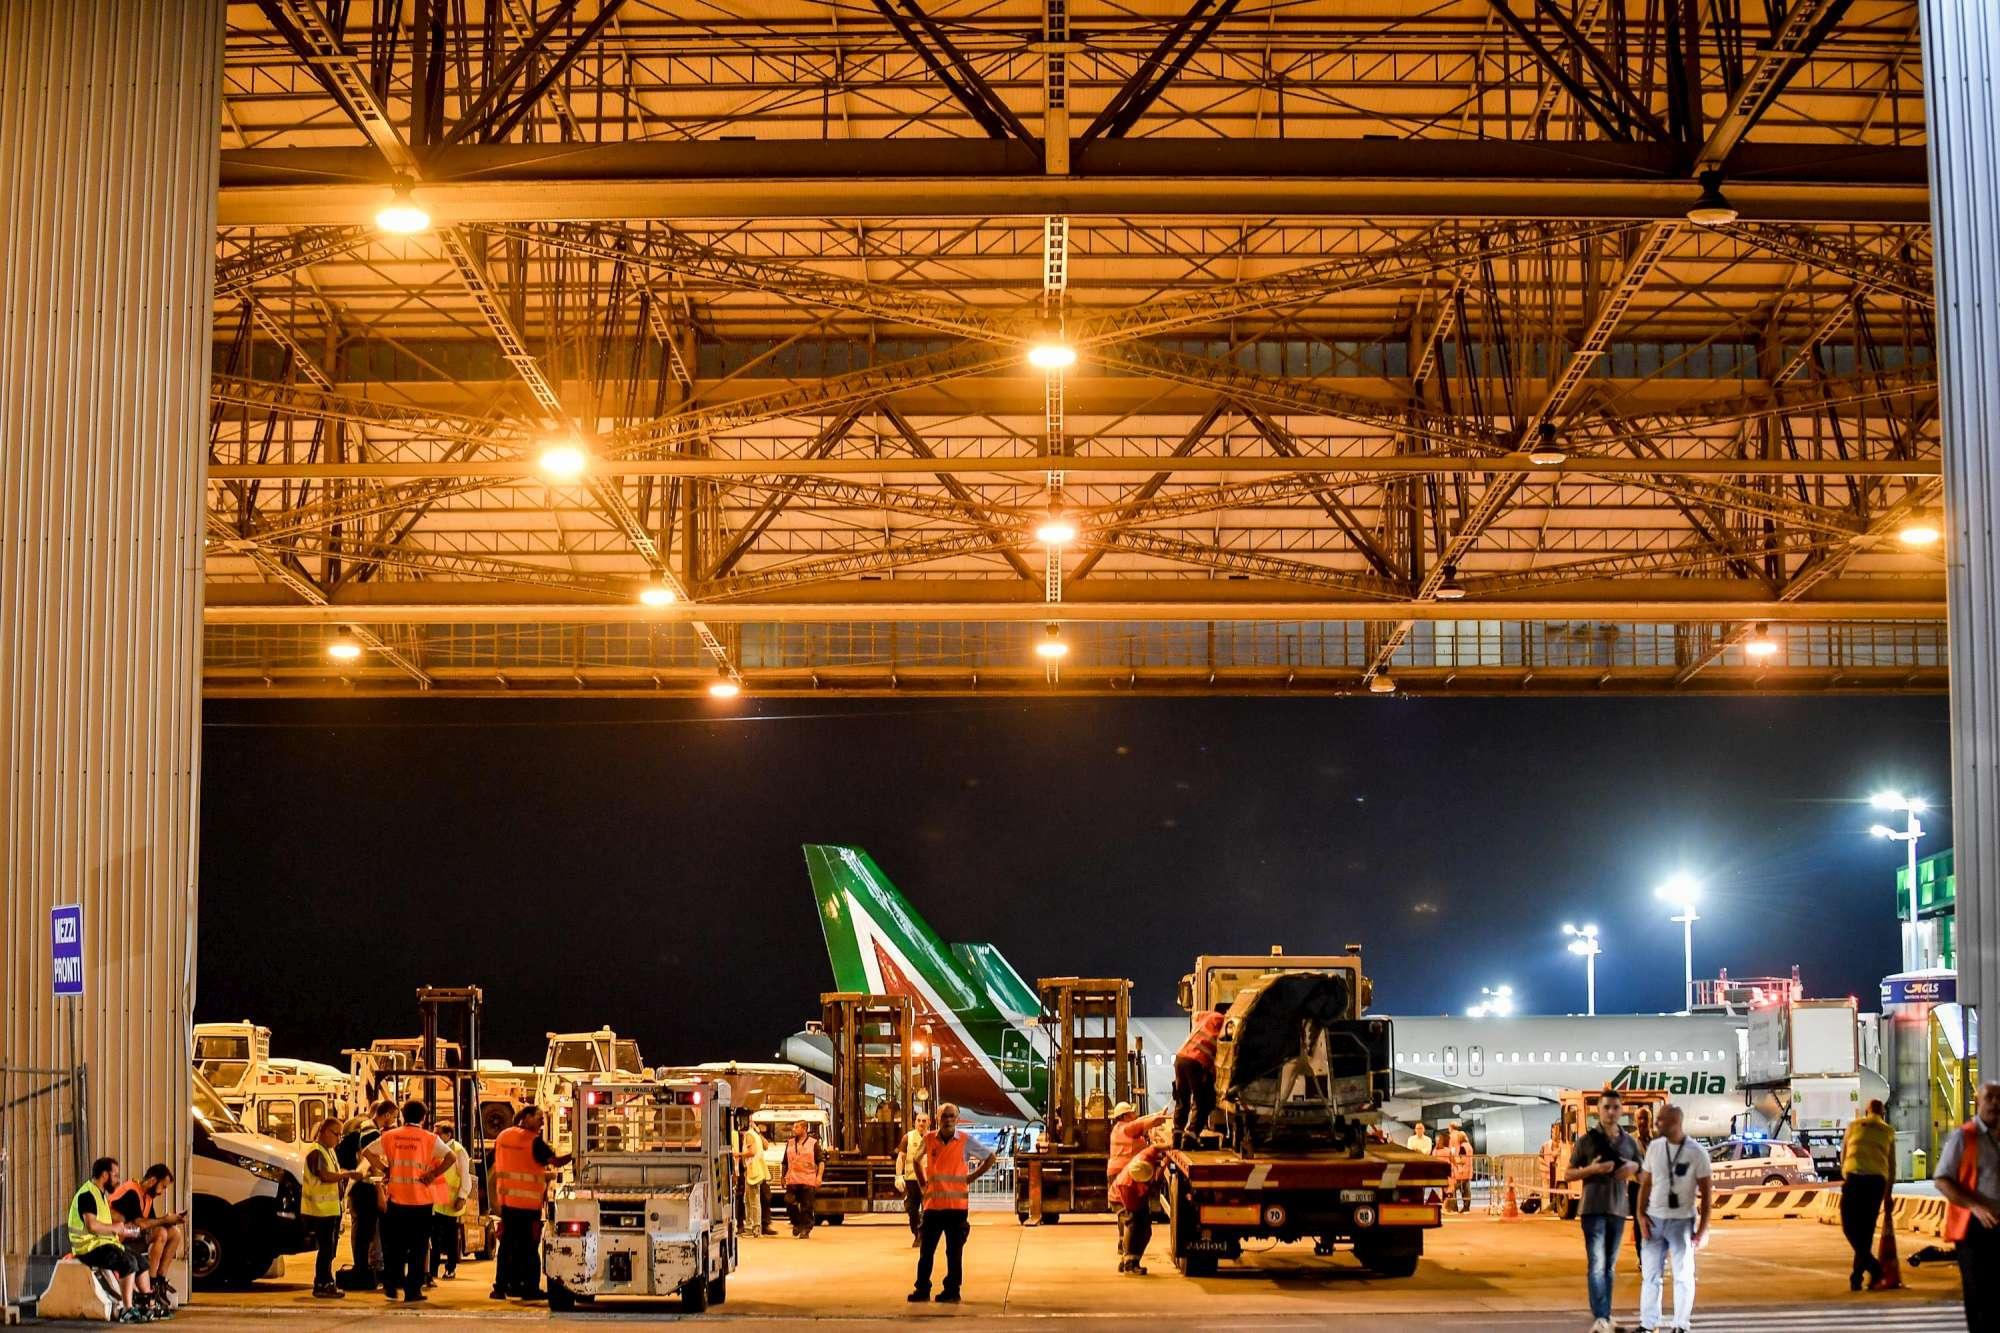 Chiude Linate: partito l ultimo volo, attrezzatura trasloca a Malpensa